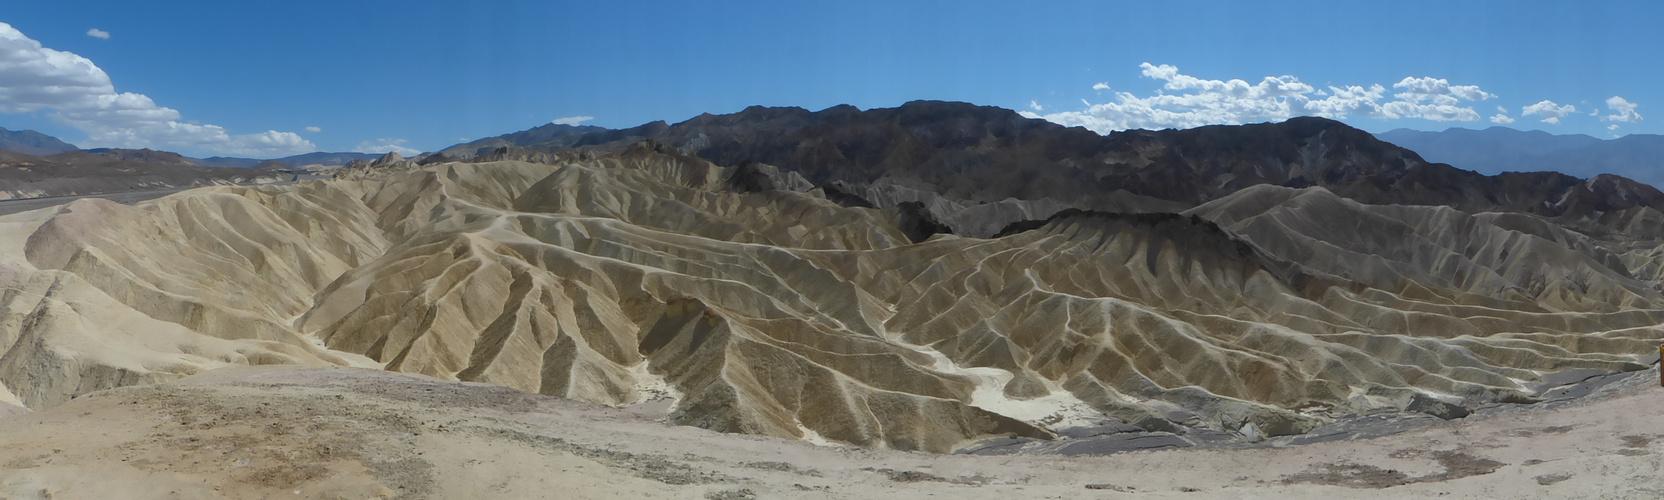 Wunderschöne, gigantische Sanddünen